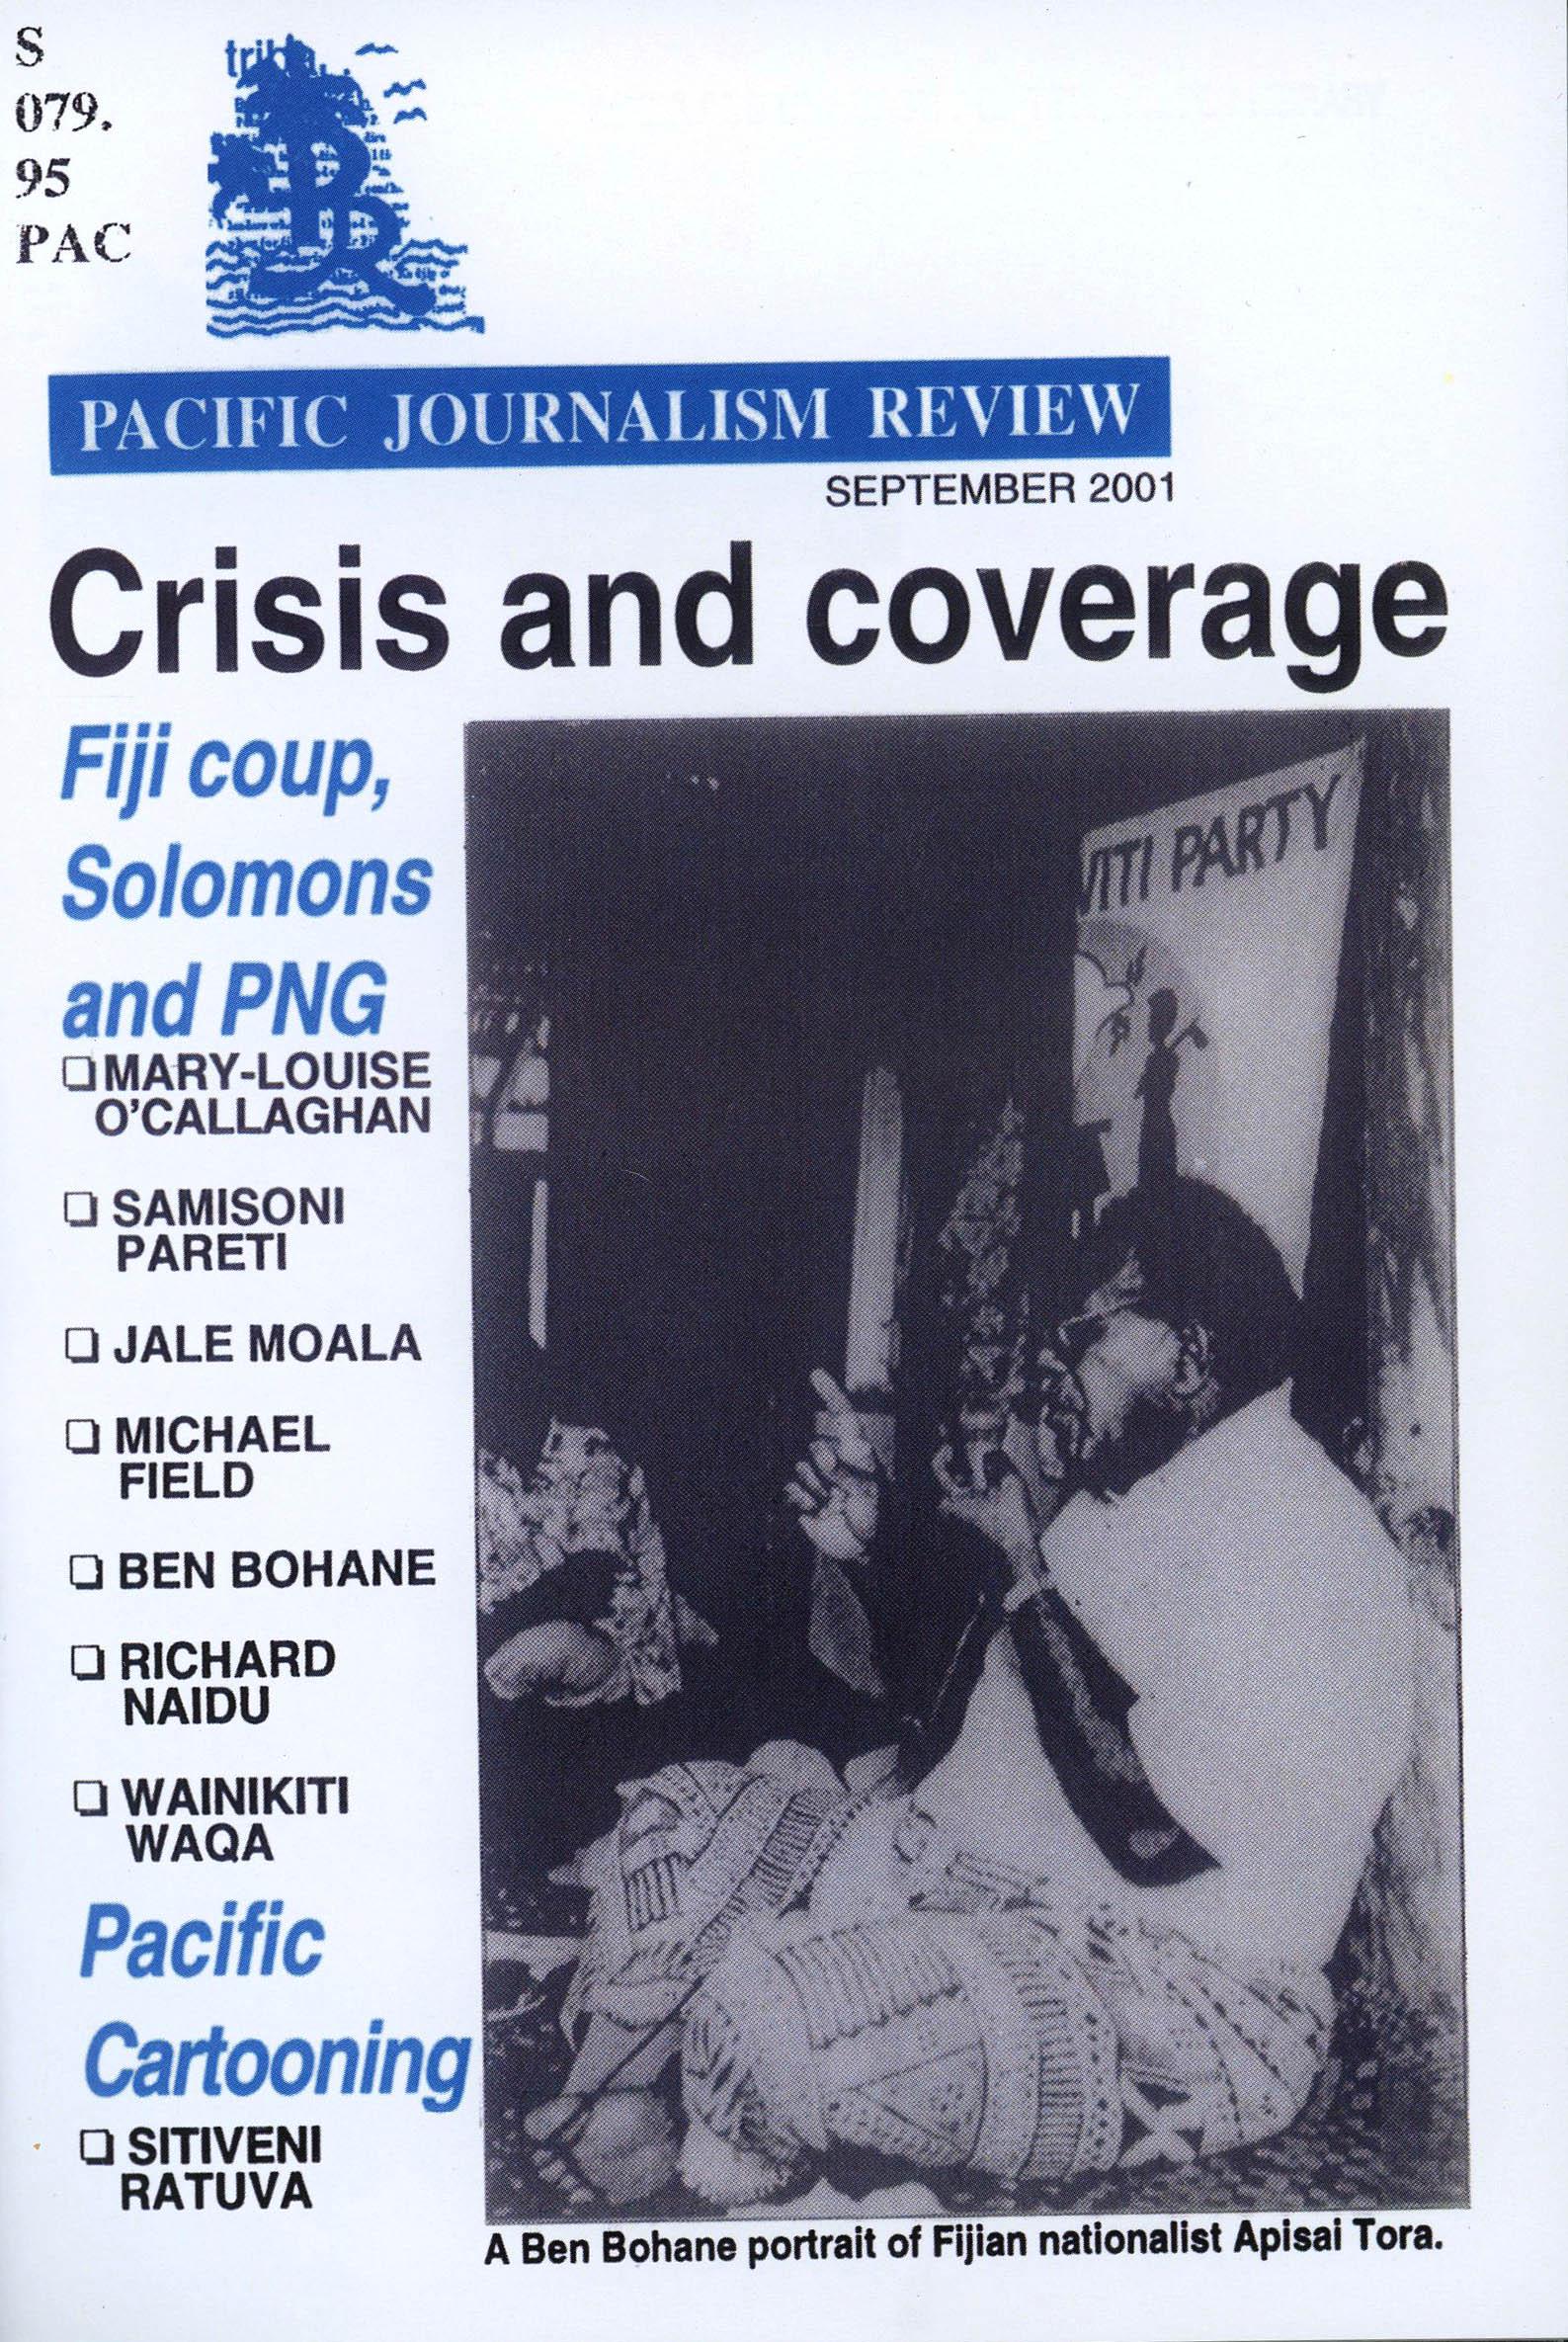 PJR cover 7 September 2001